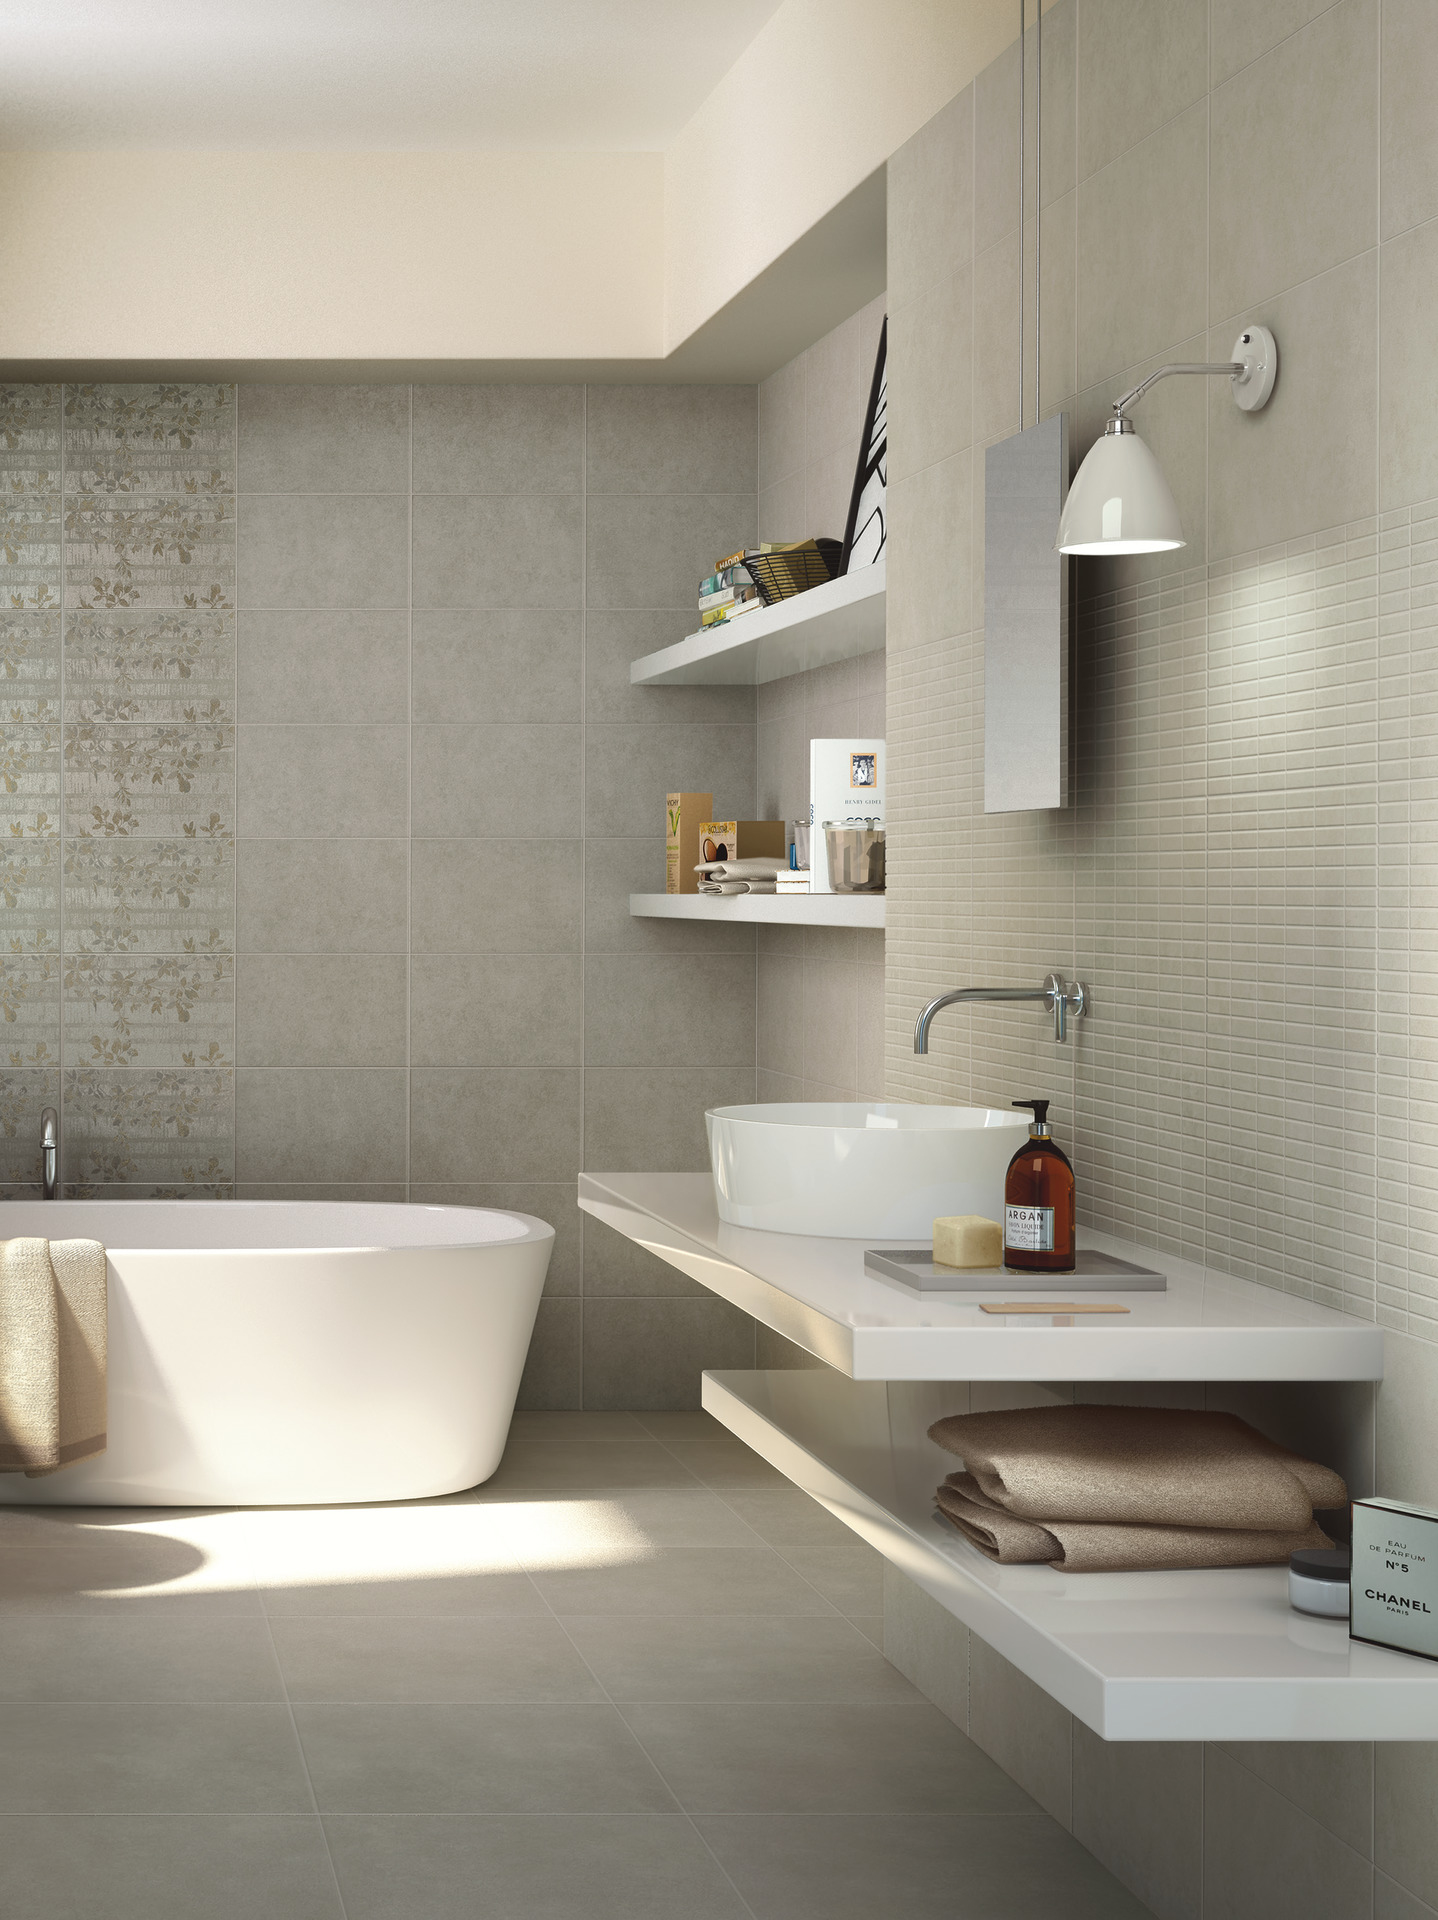 Collezione casablanca ceramica per bagno e cucina ragno - Piastrelle ceramica bagno ...